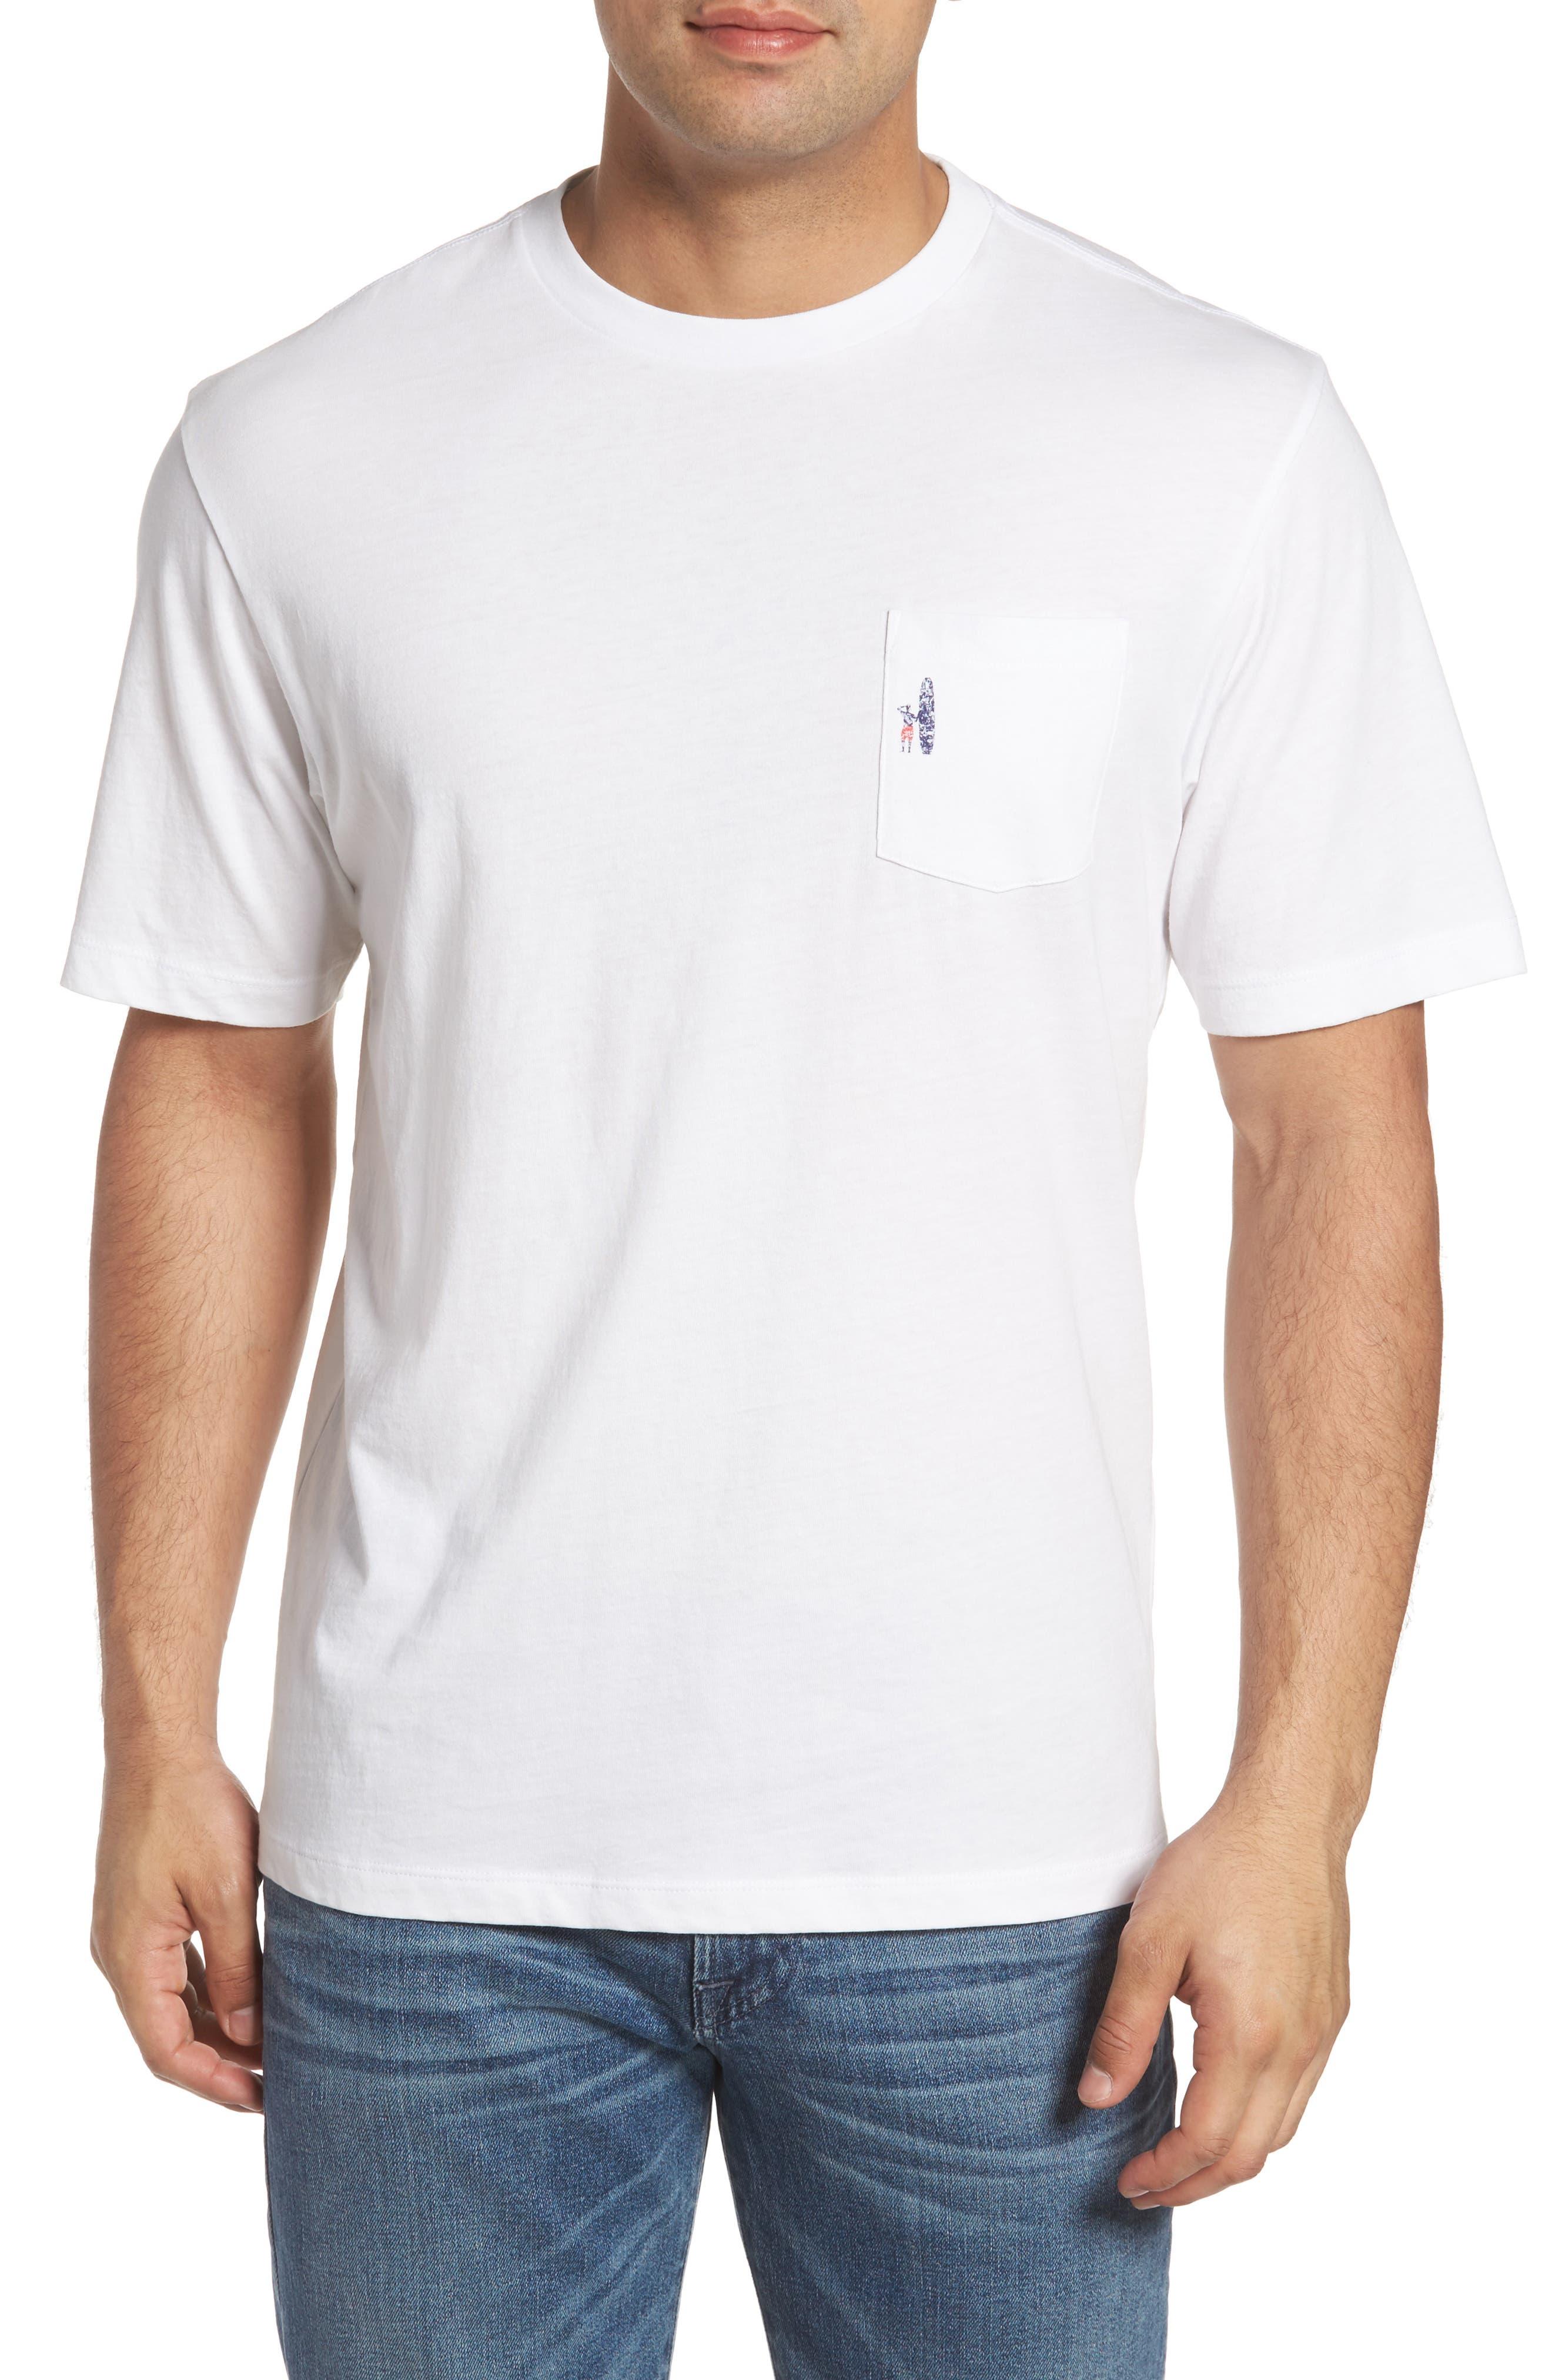 Union Graphic T-Shirt,                             Main thumbnail 1, color,                             100